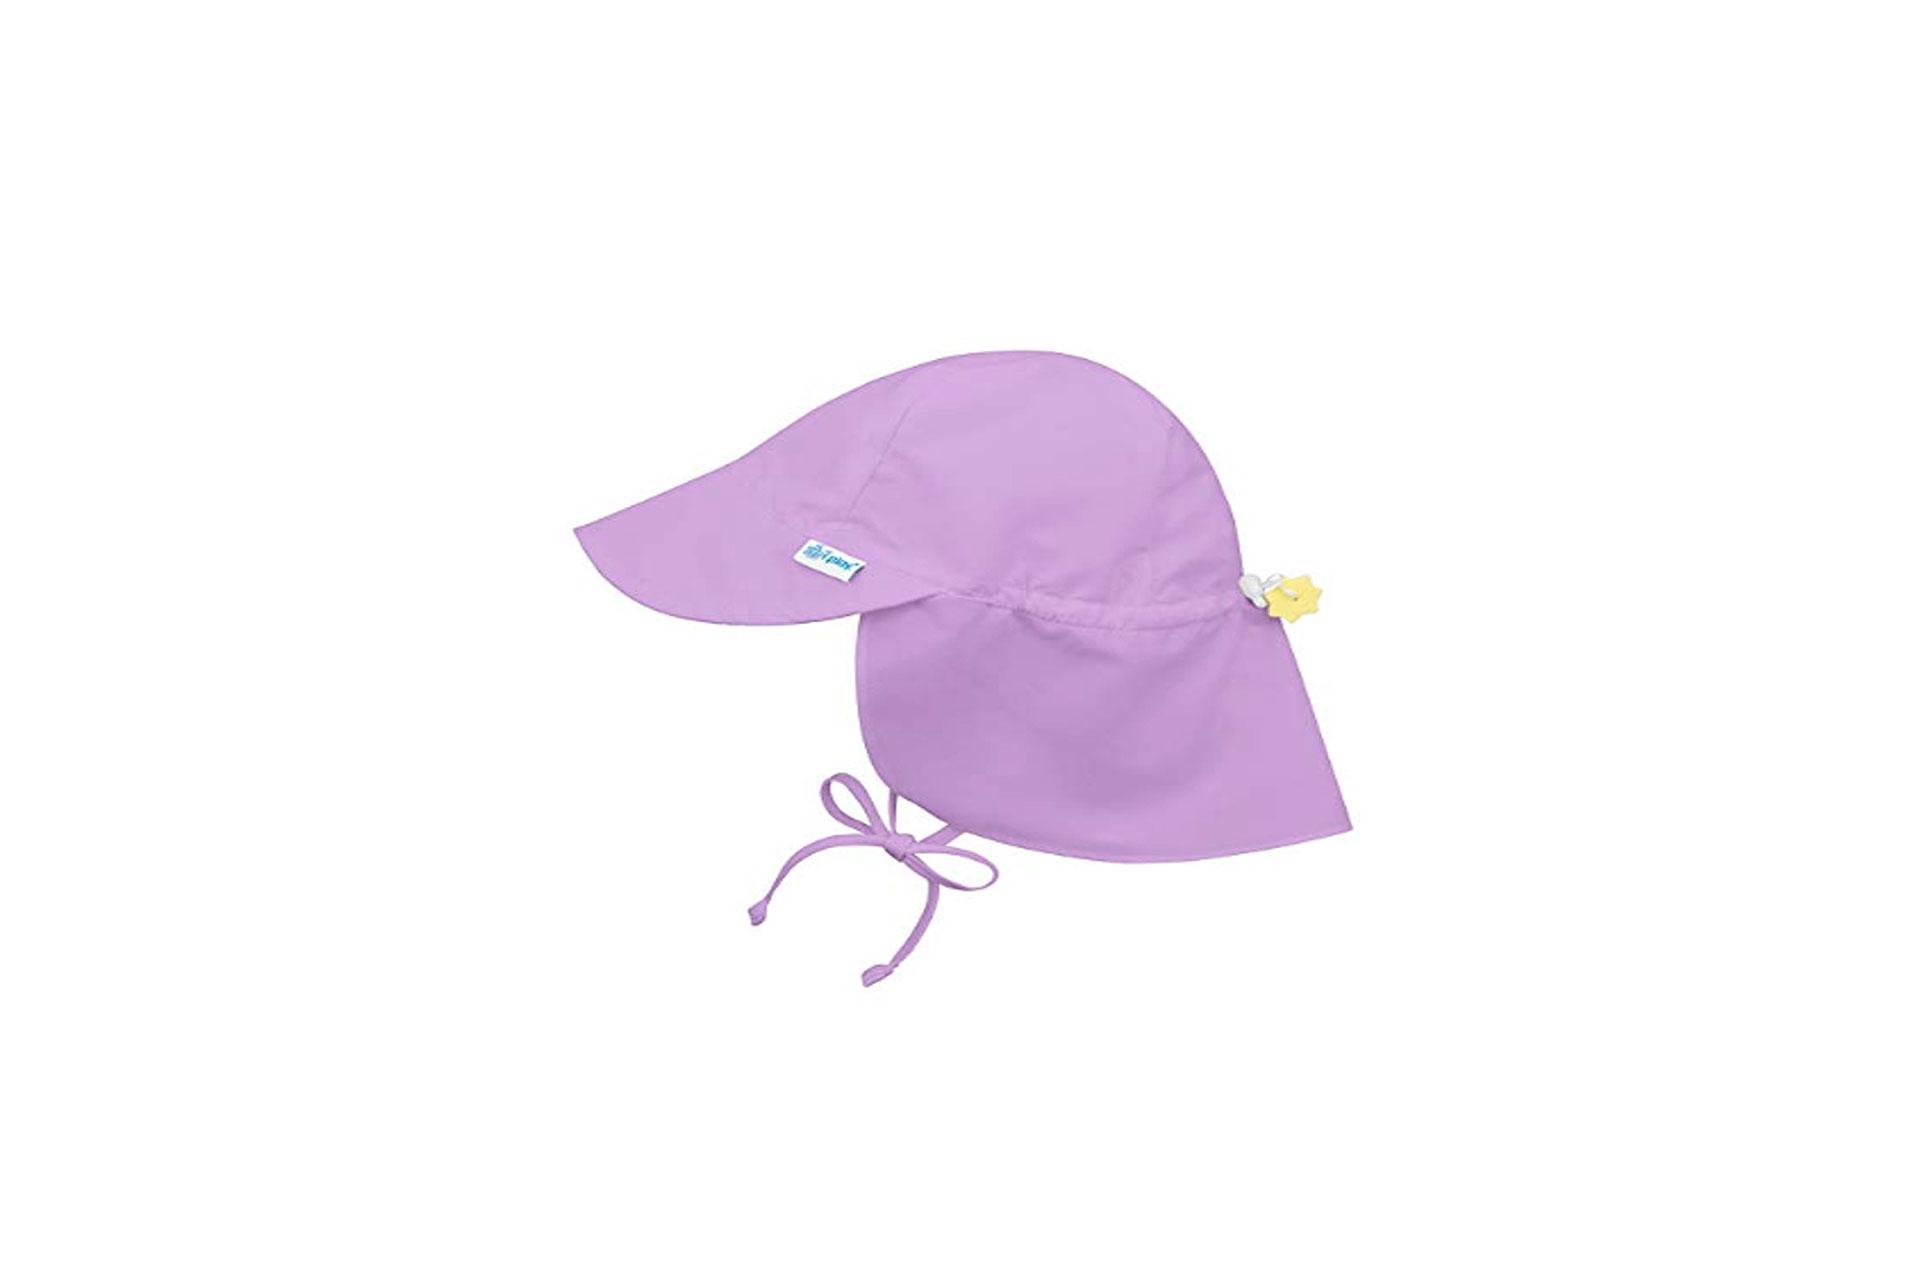 iPlay Flap Hat; Courtesy of Amazon